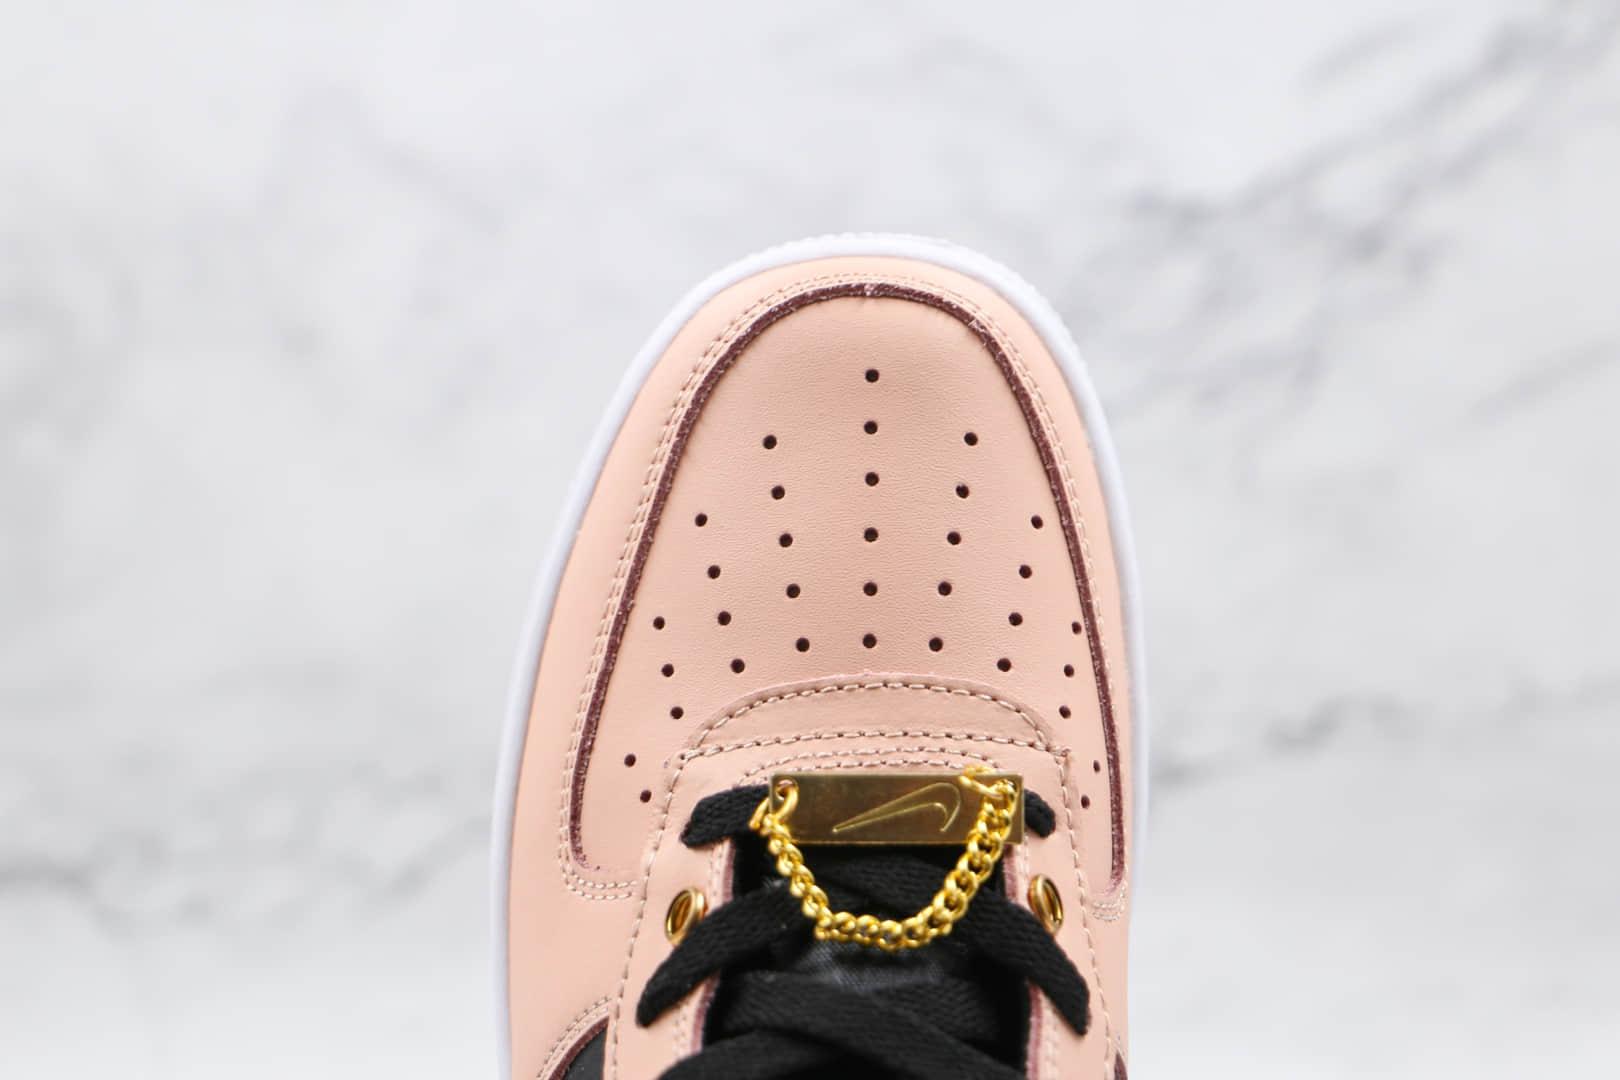 耐克Nike Air Force 1 Low纯原版本低帮空军一号粉黑色金属饰品板鞋原档案数据开发 货号:DA8571-200